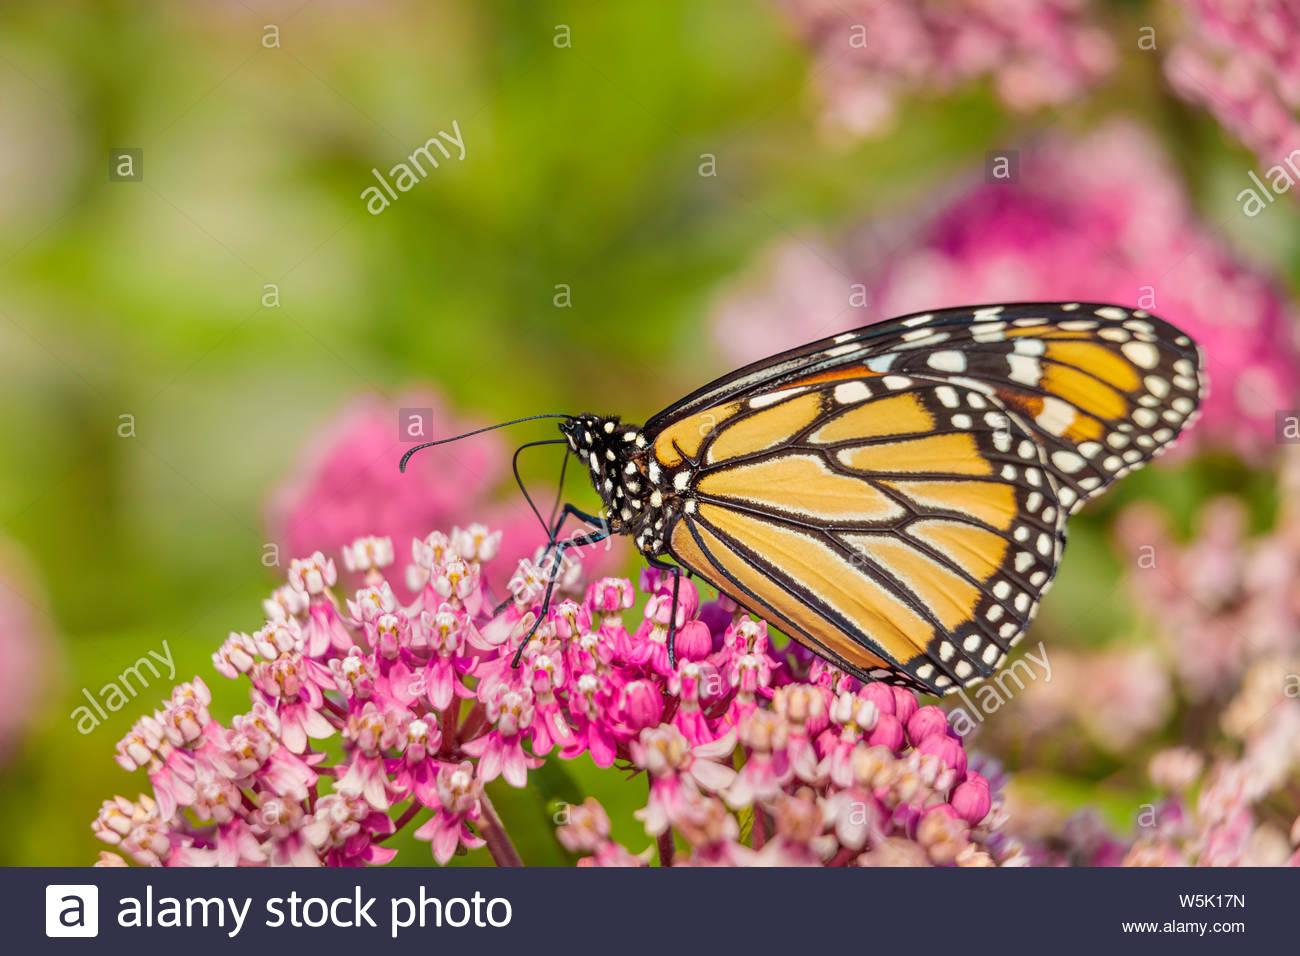 monarch-butterfly-danaus-archippus-necta